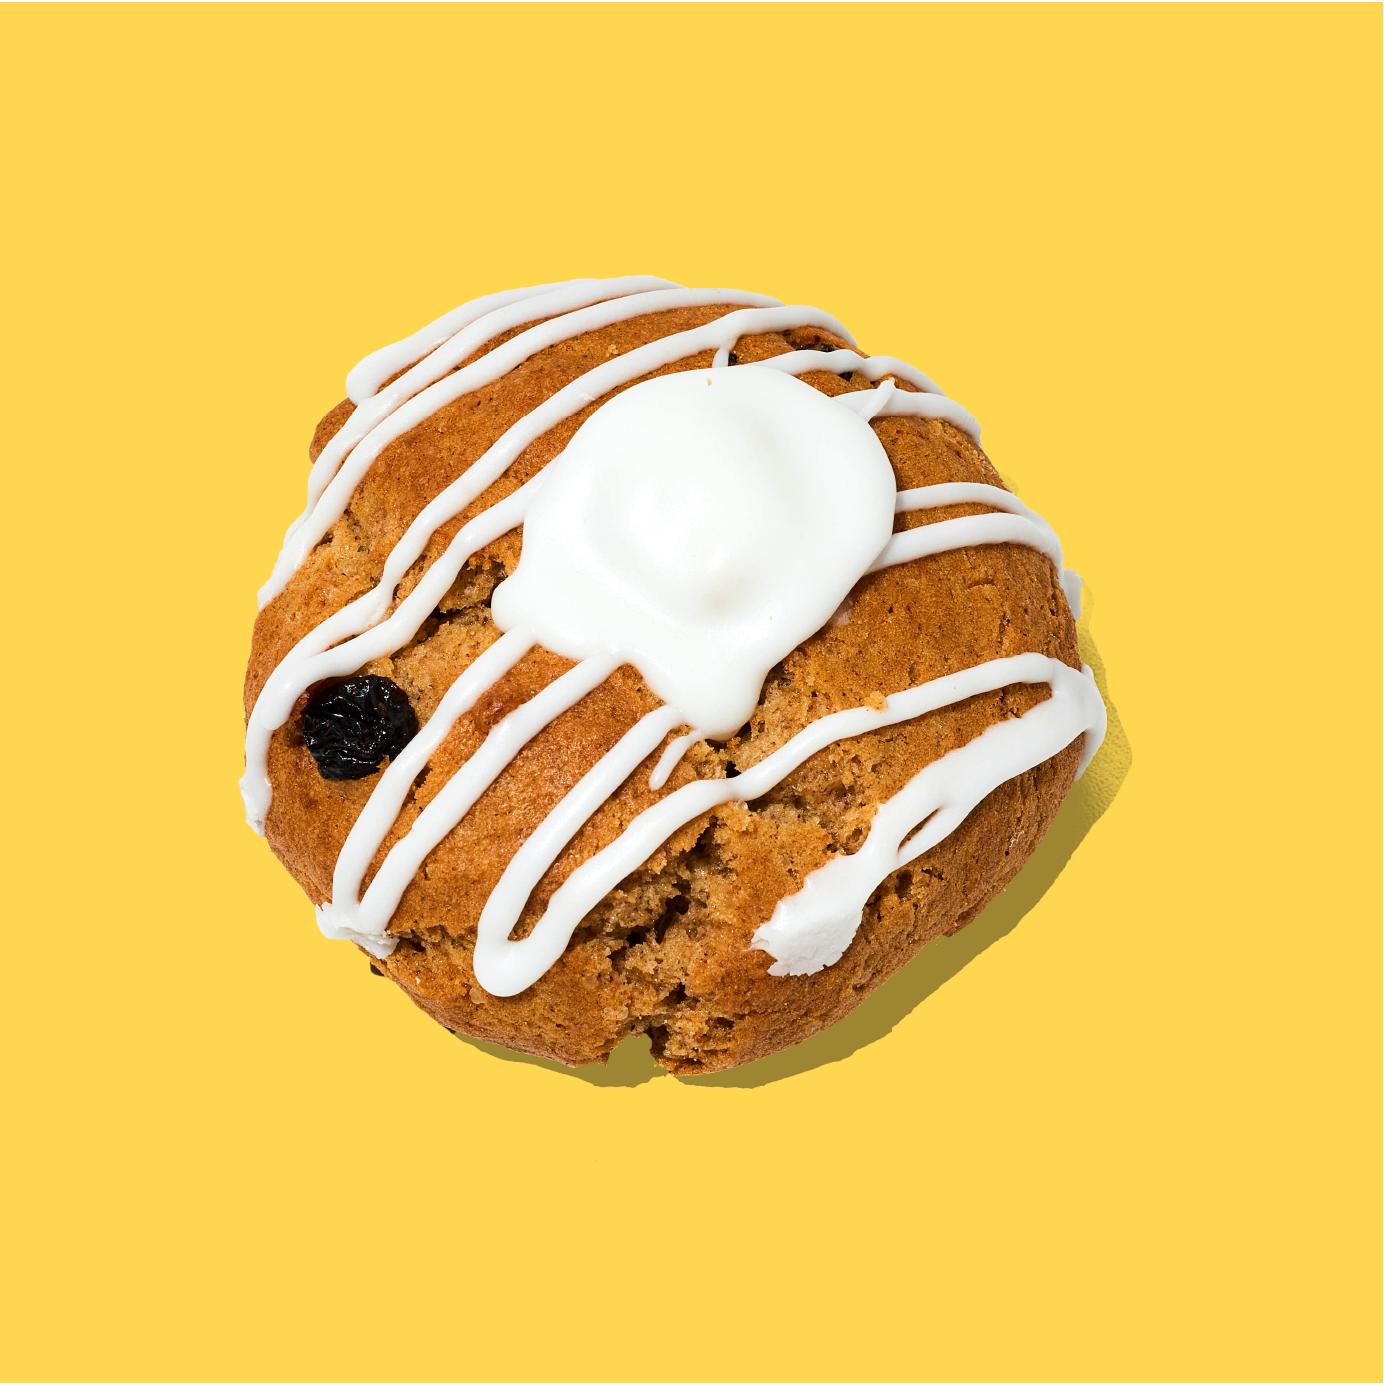 Rollos de canela hechas galleta, con pasas y decoradas con queso crema sabor cinnamon. Pídelas aquí y llénate de alegría.  Descripción: Galletas con pasas y toque de canela. Decorada y rellena de queso crema sabor cinnamon.  Medida: 8 cm de diámetro, 6 cm de altura